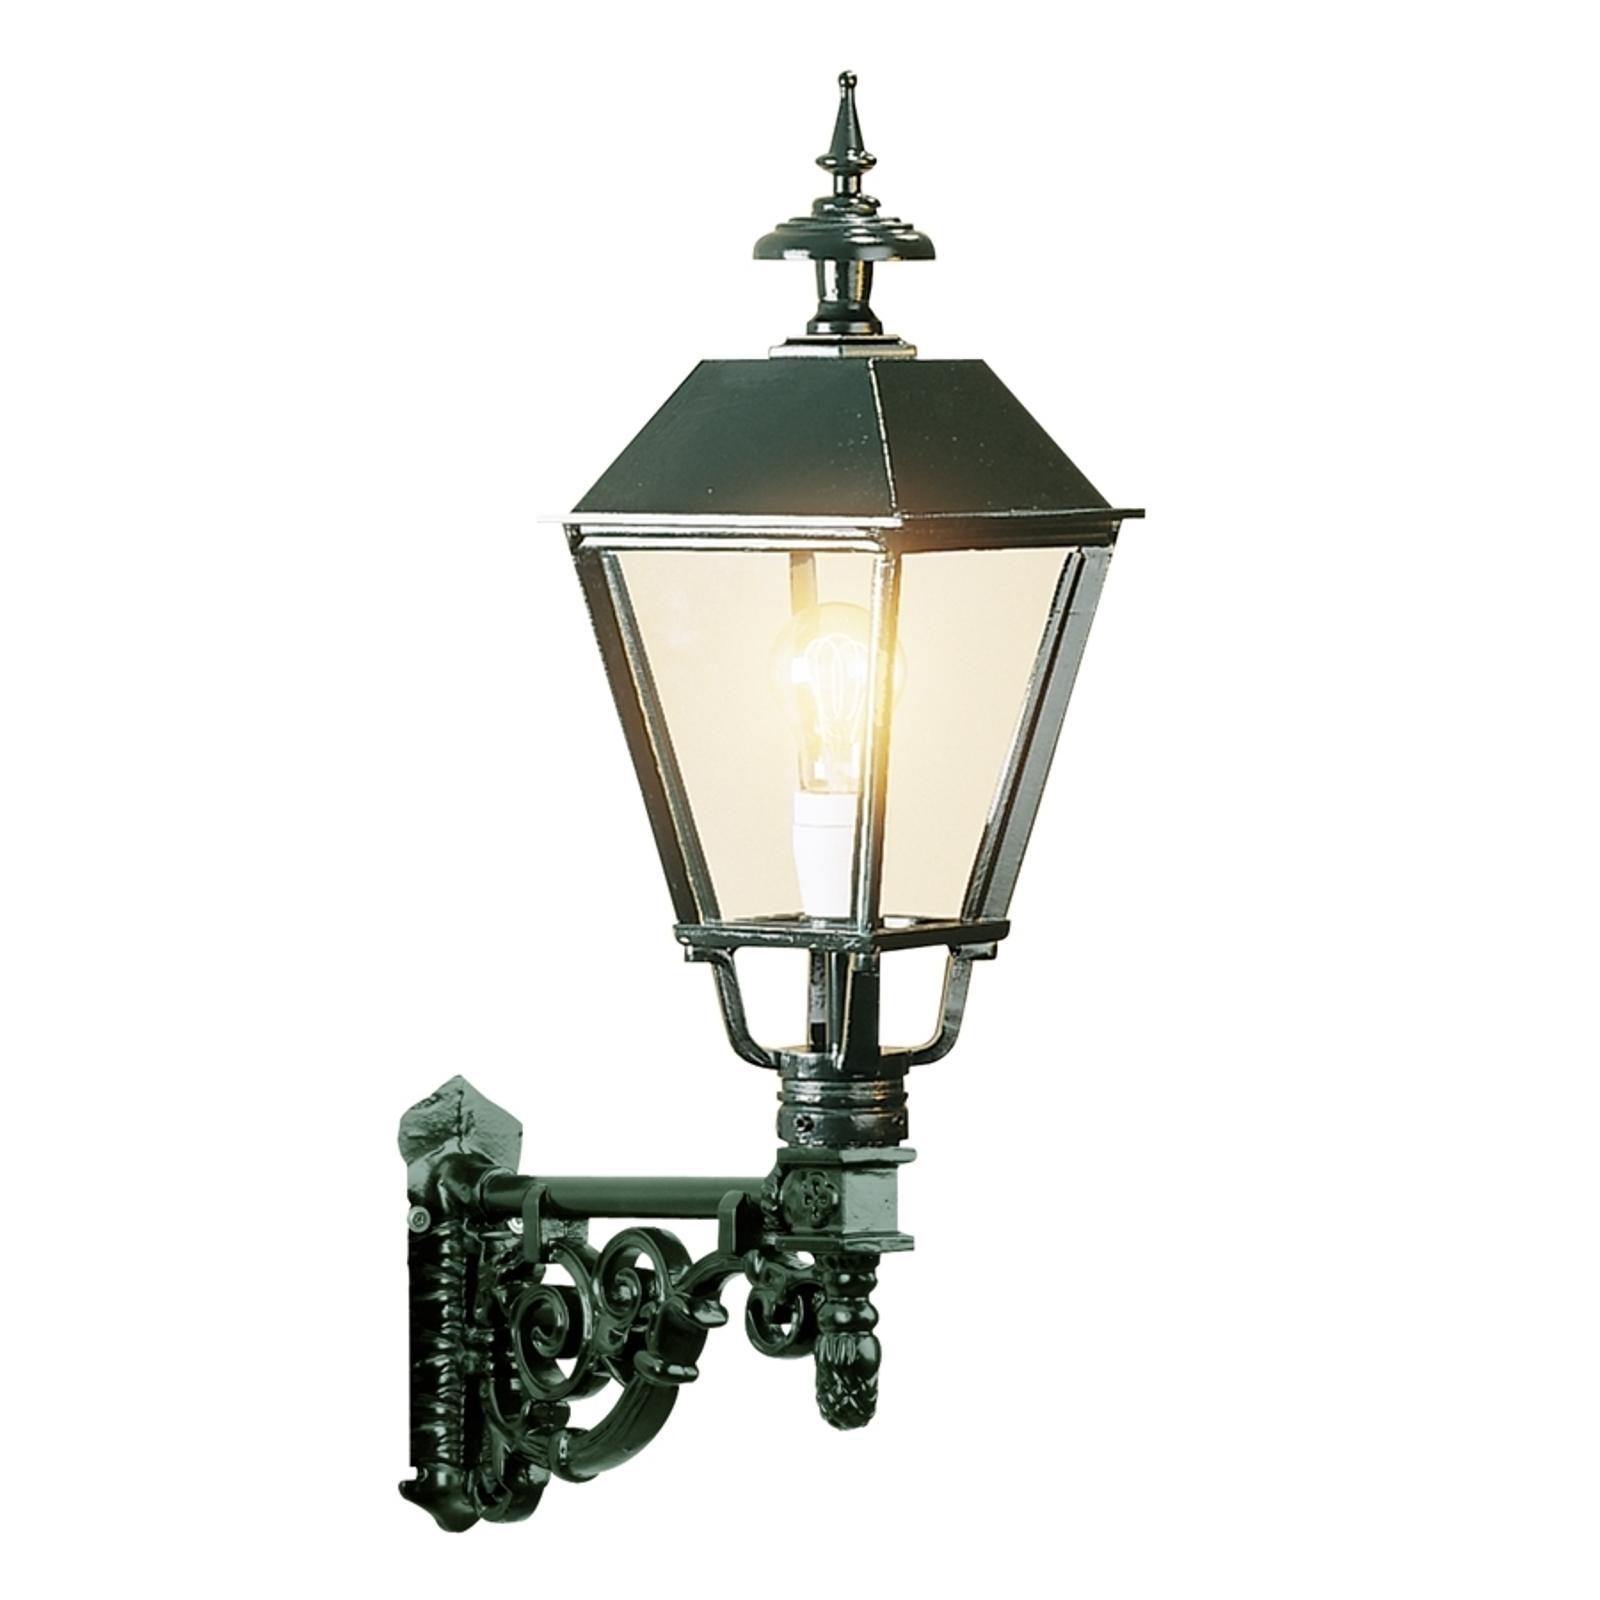 Smaakvolle buitenwandlamp M43, groen